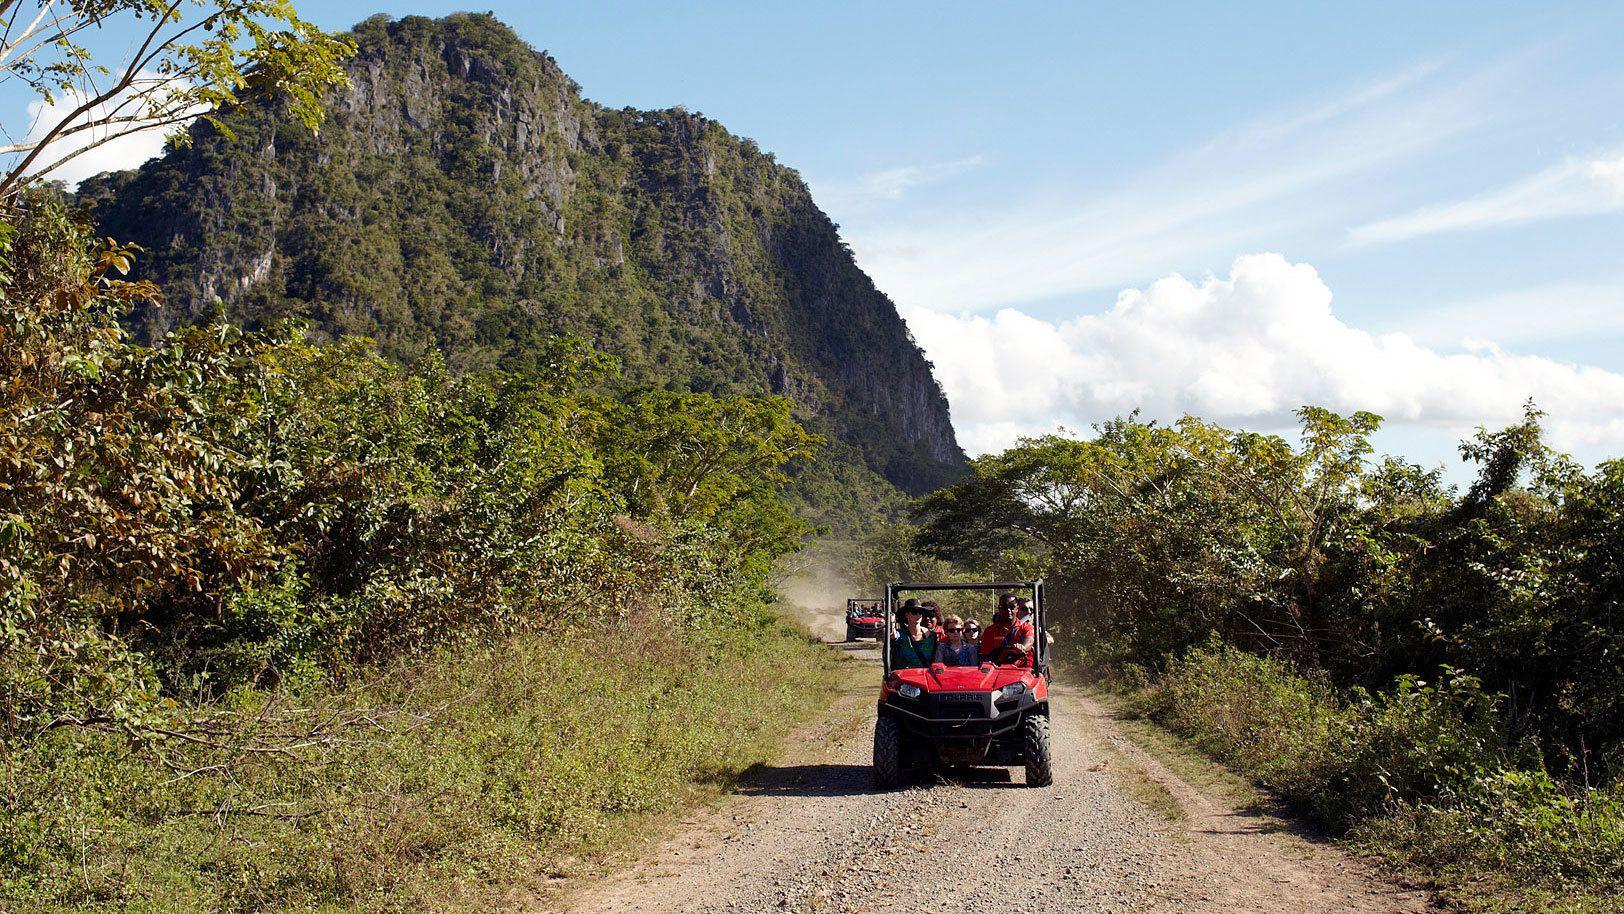 ATV trail in Fiji